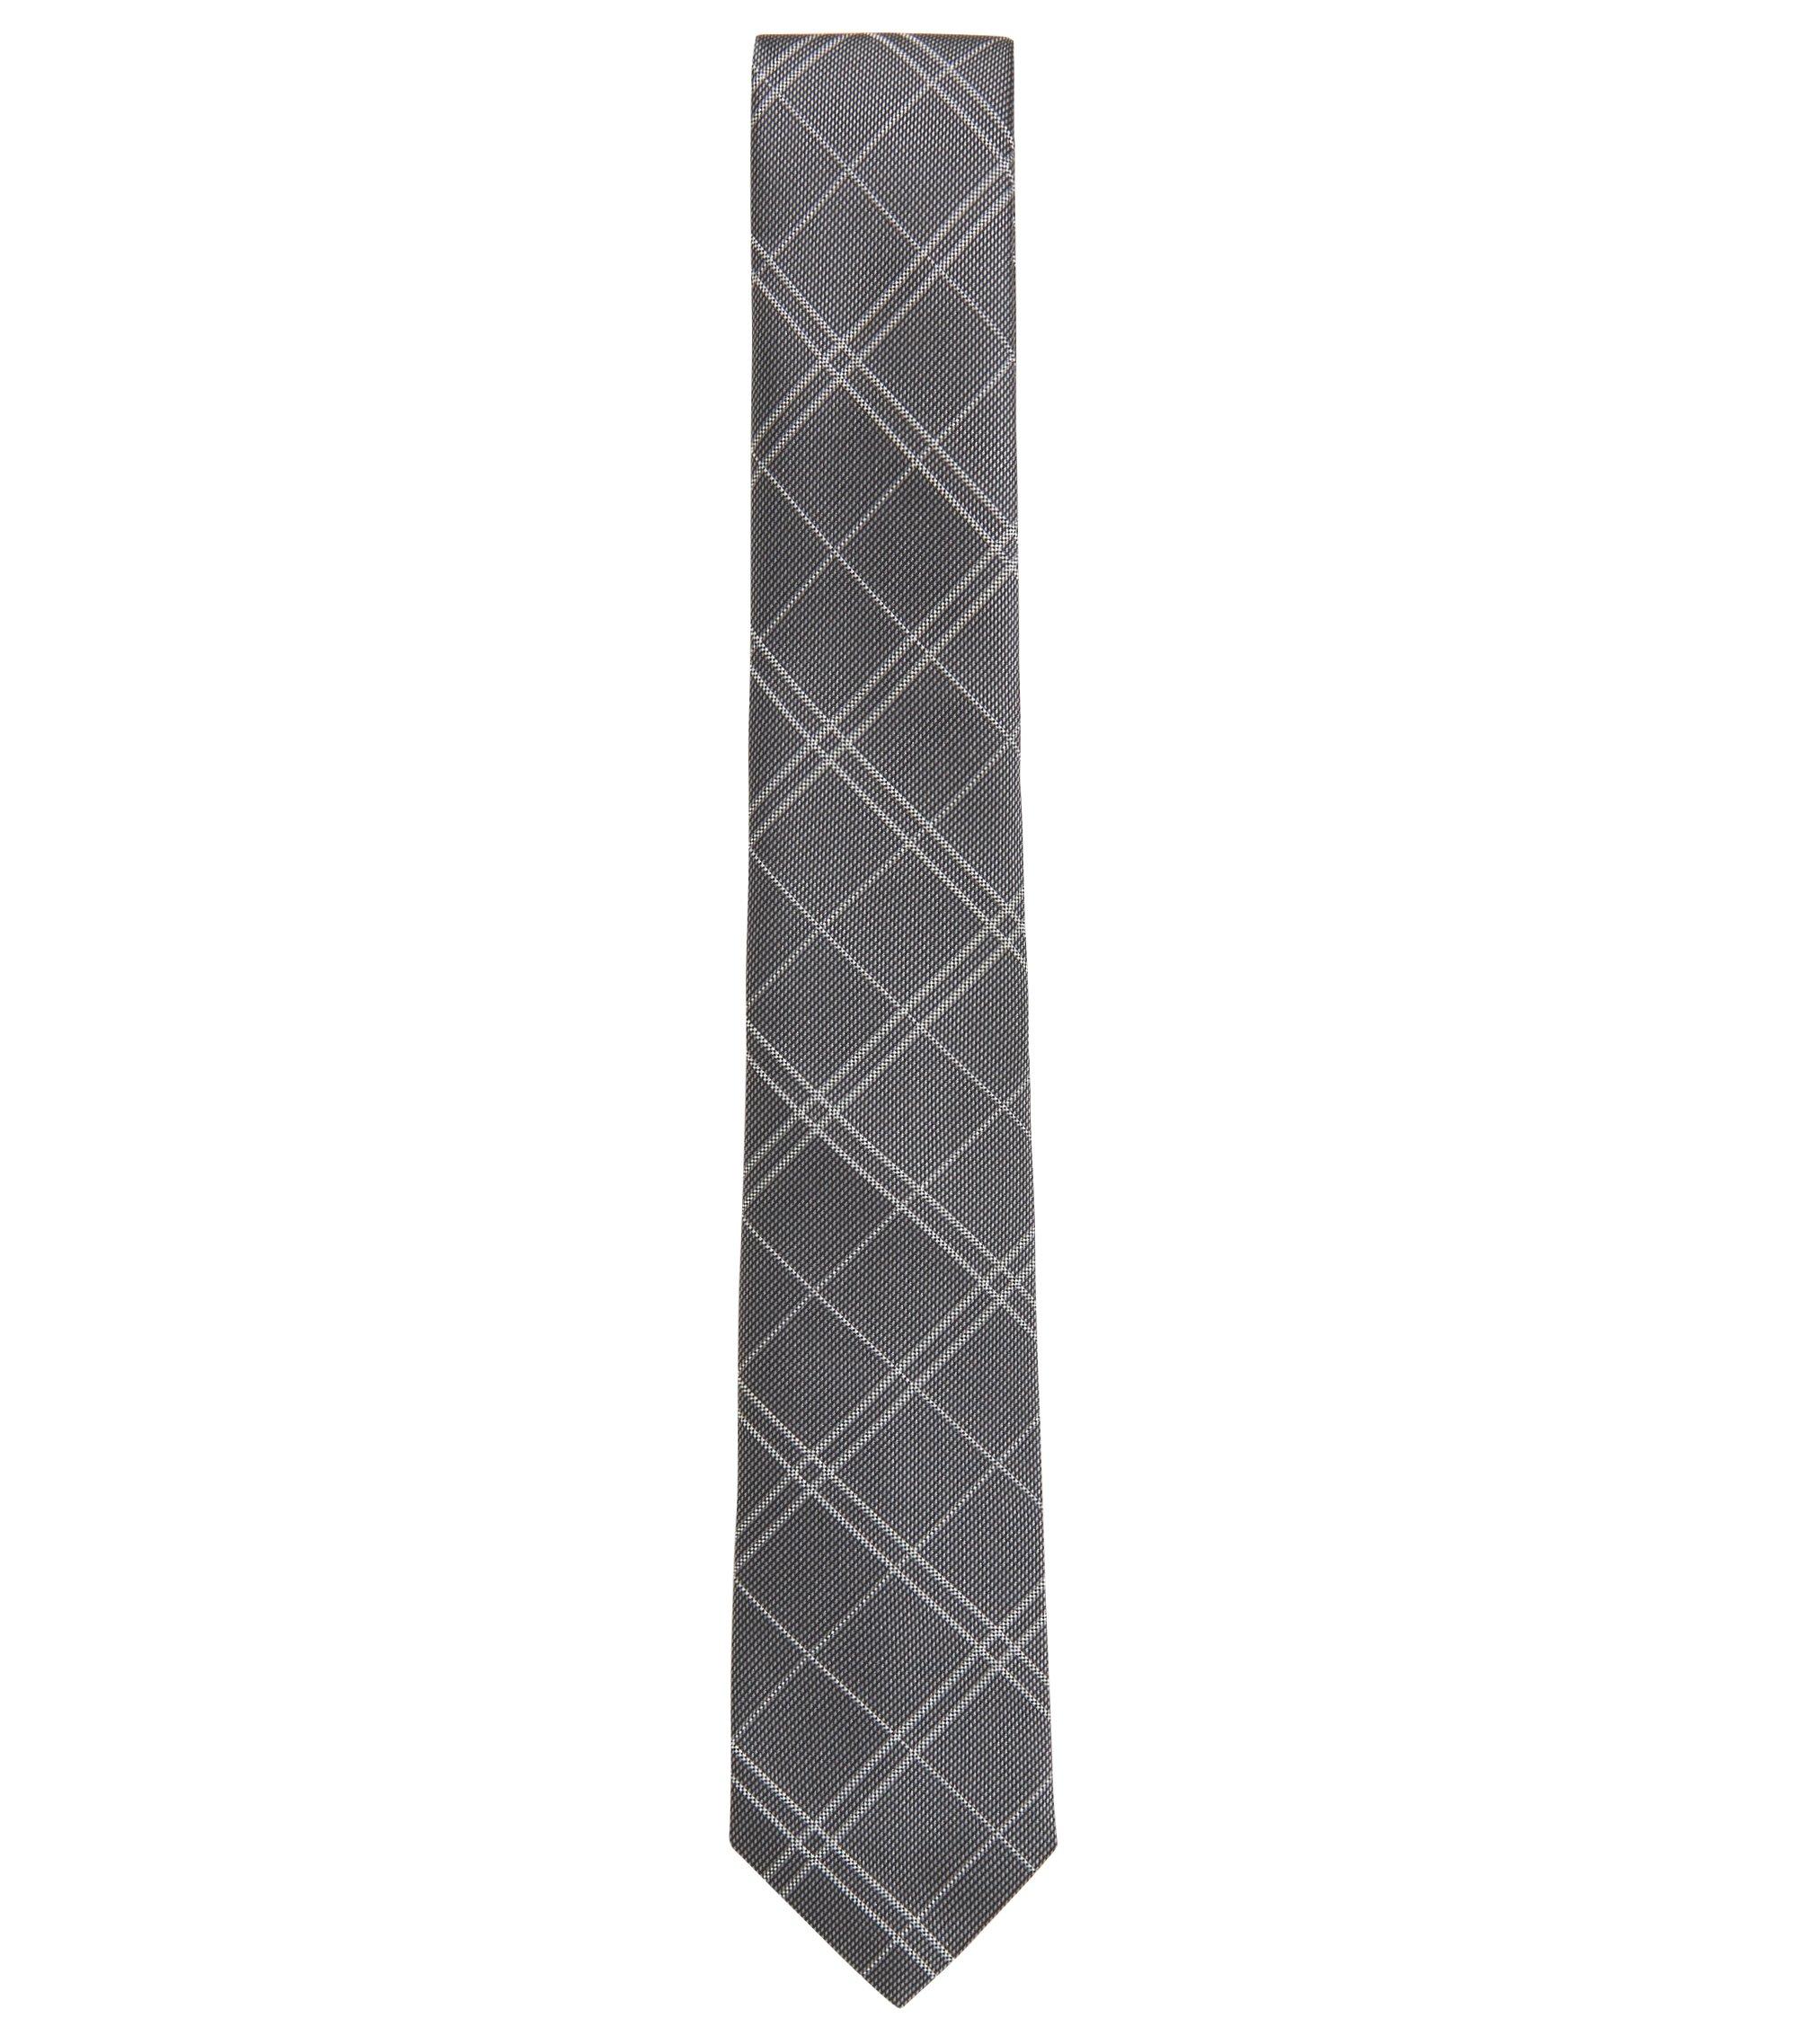 Corbata hecha a mano en jacquard de seda con cuadros sencillos, Gris